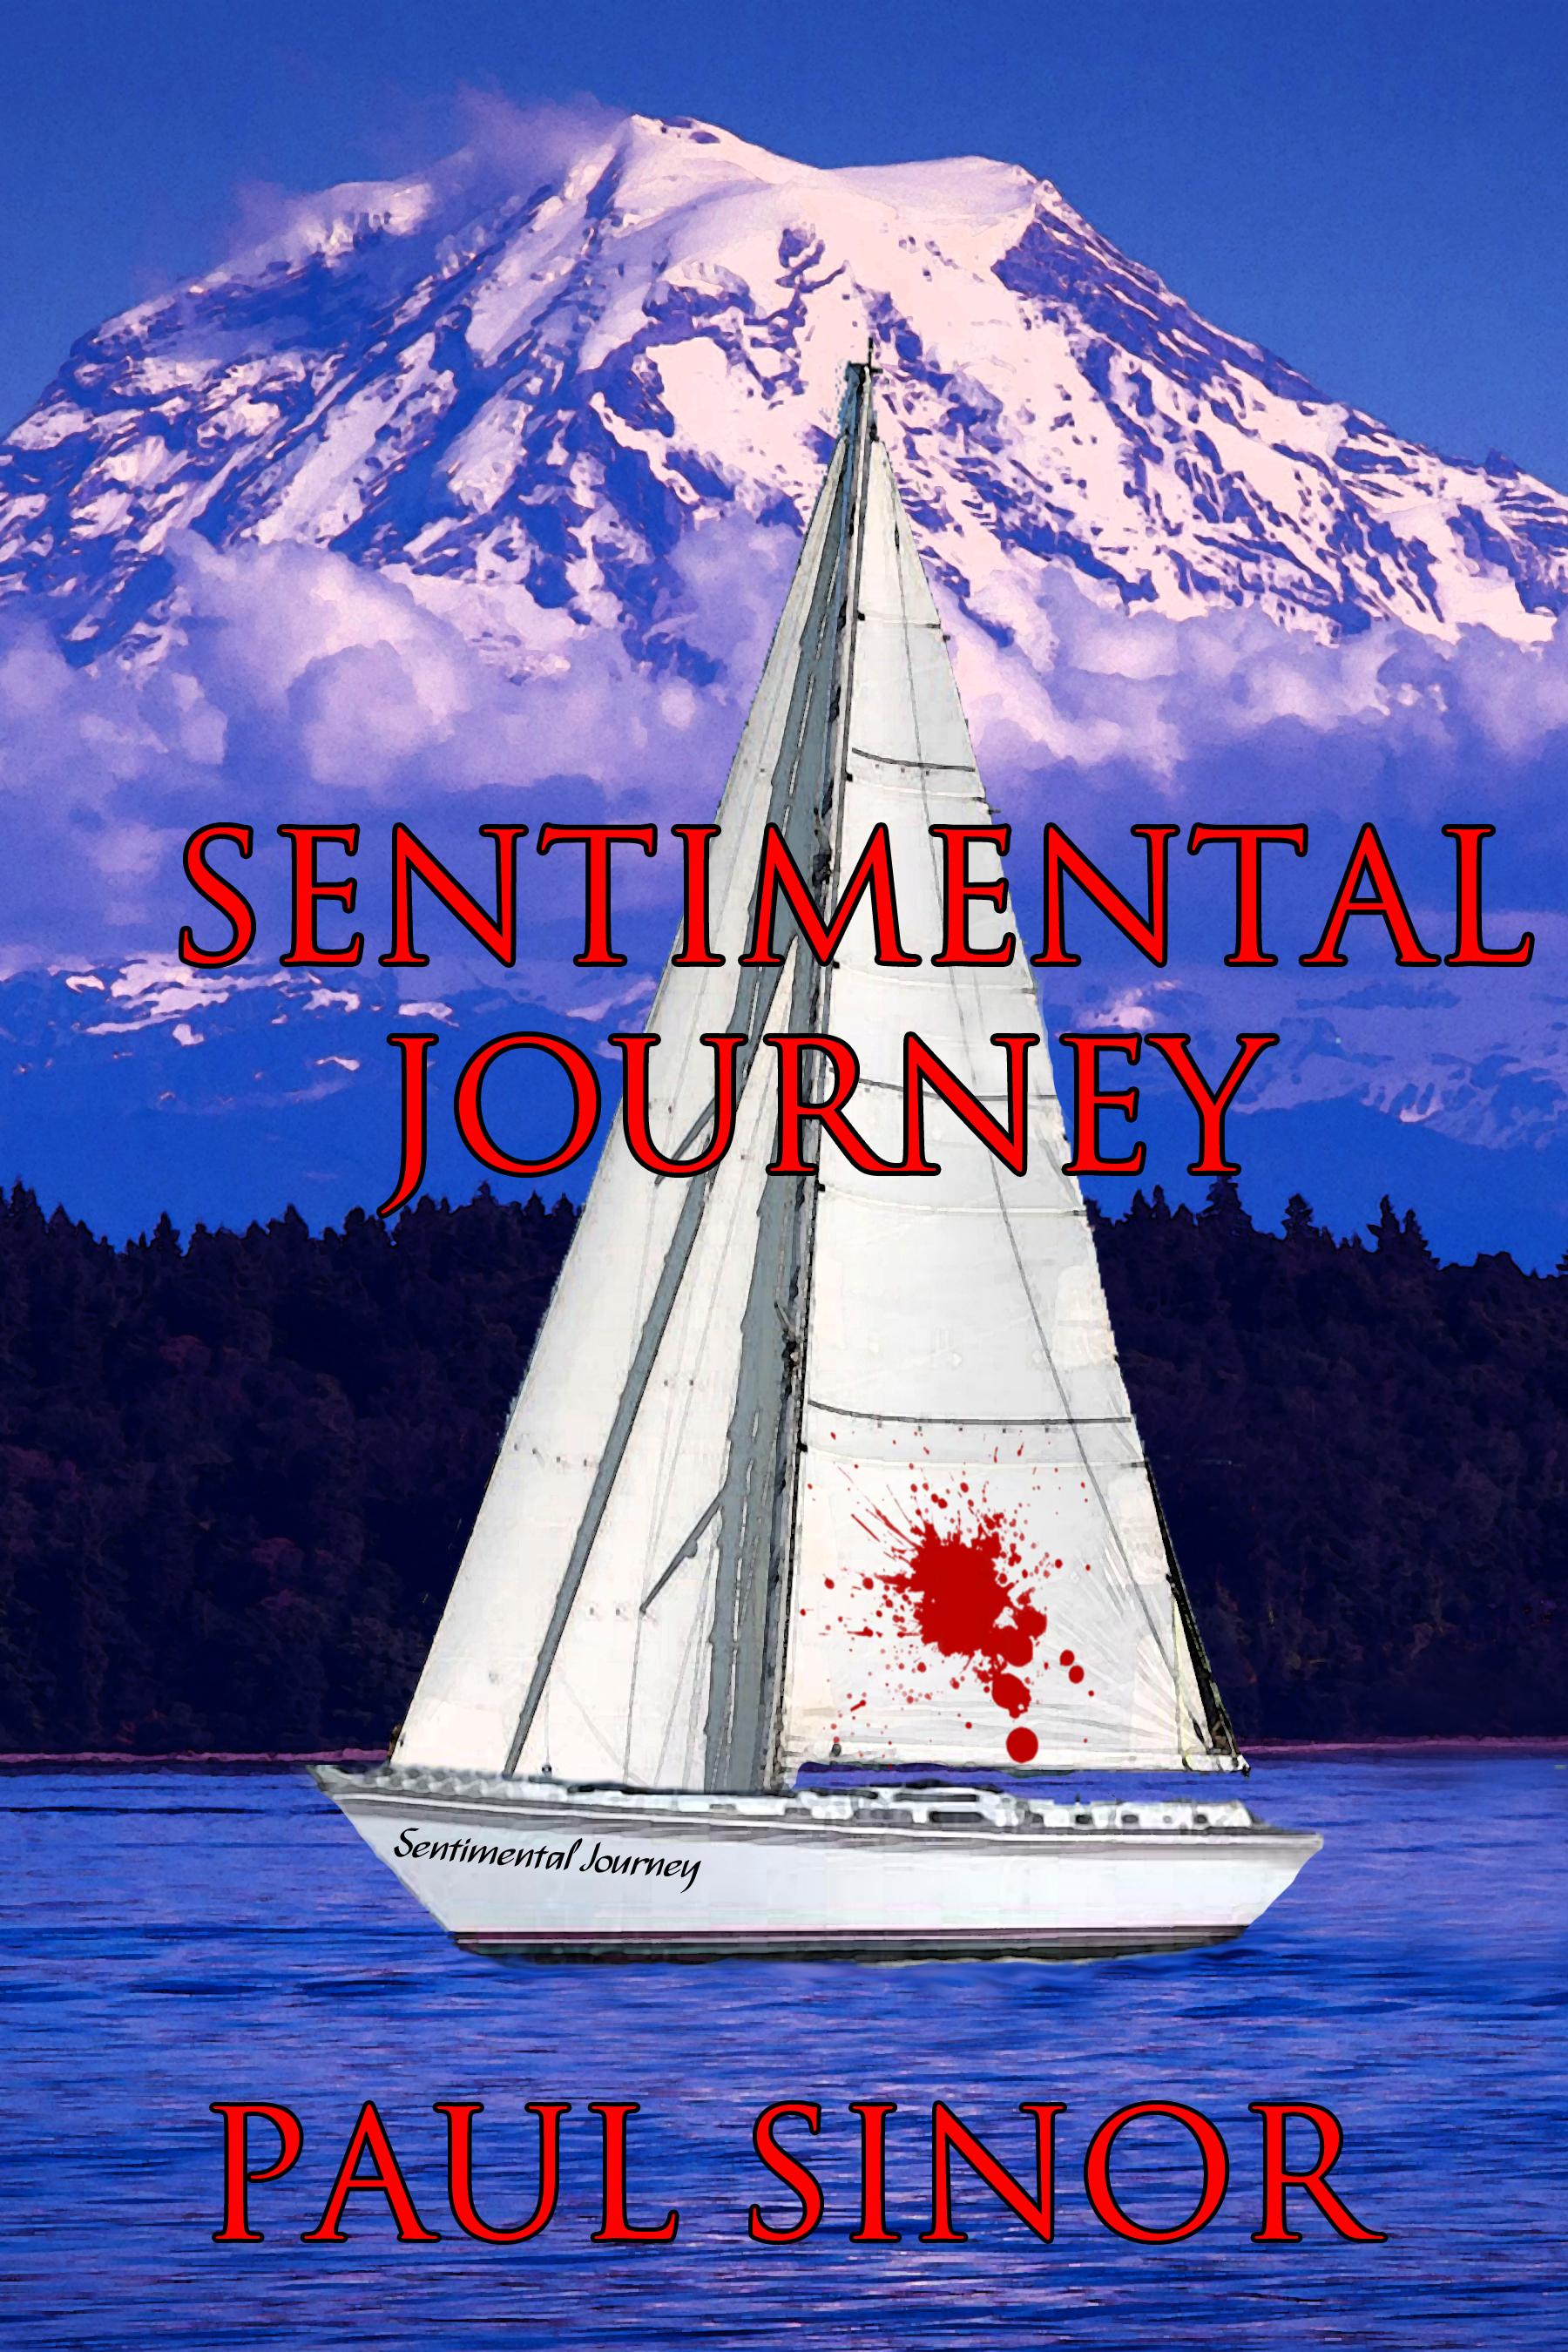 sentimental journey.jpg